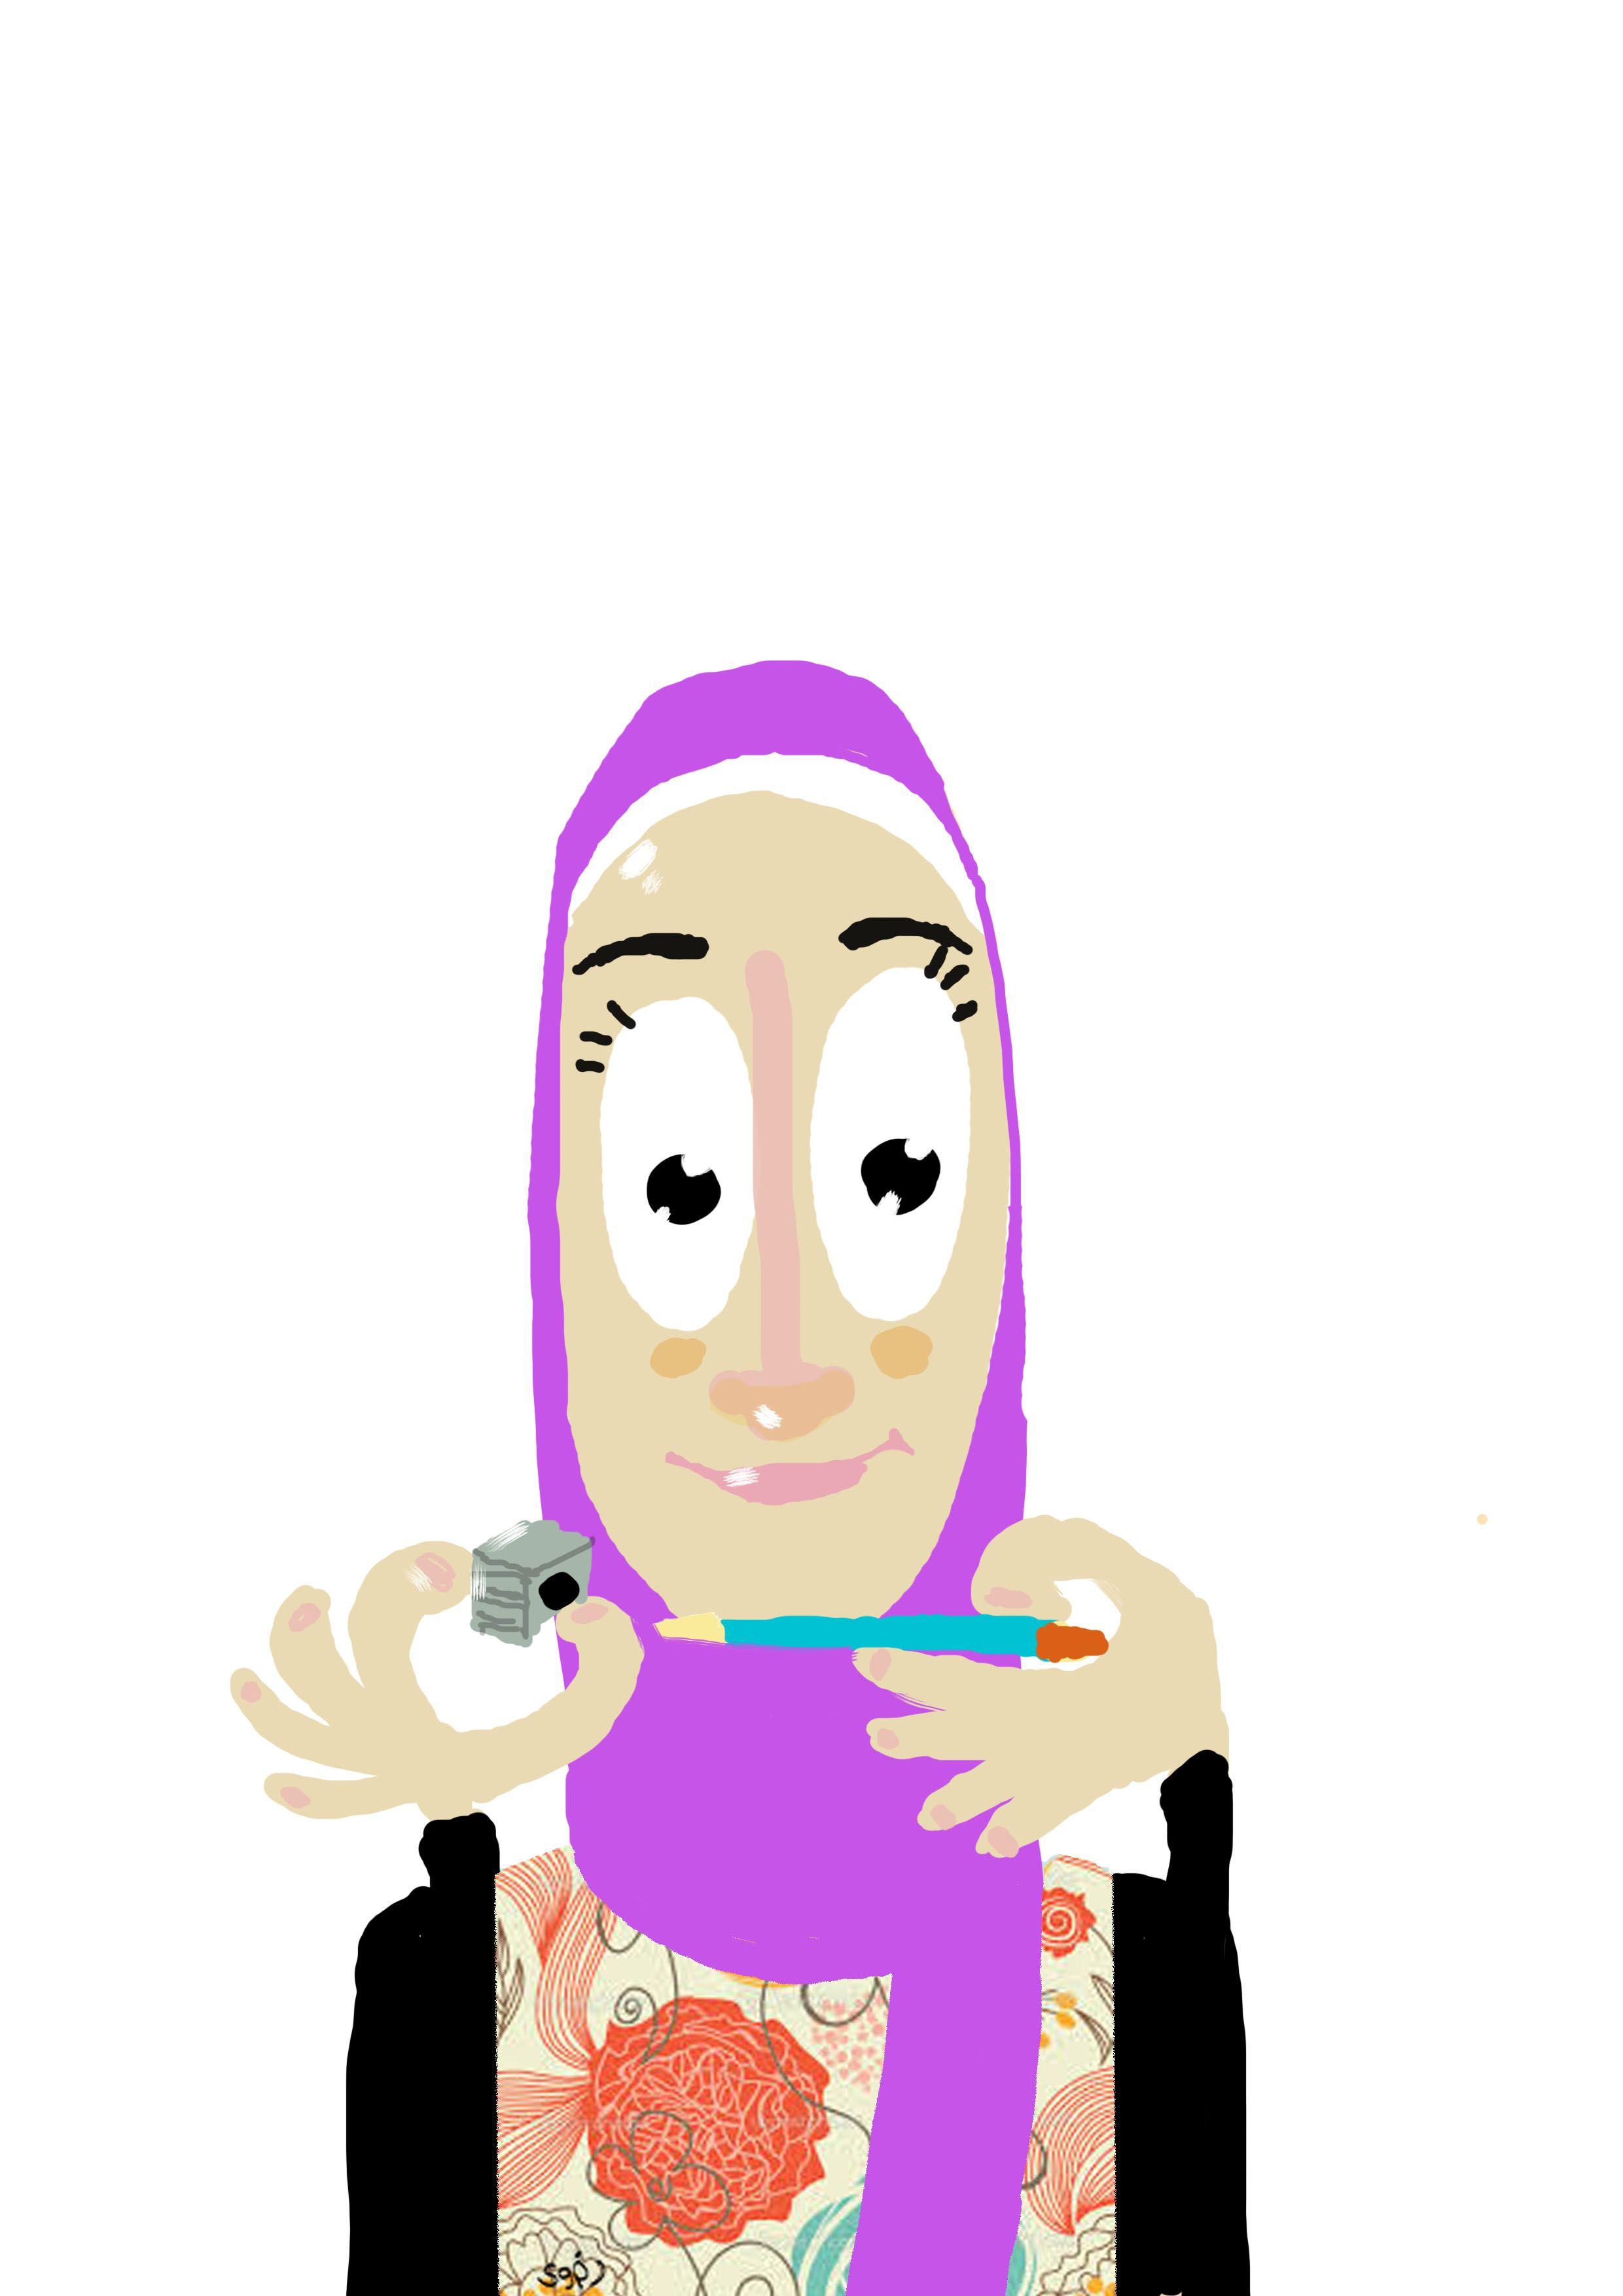 Self Portrait For my illustration workshop 4